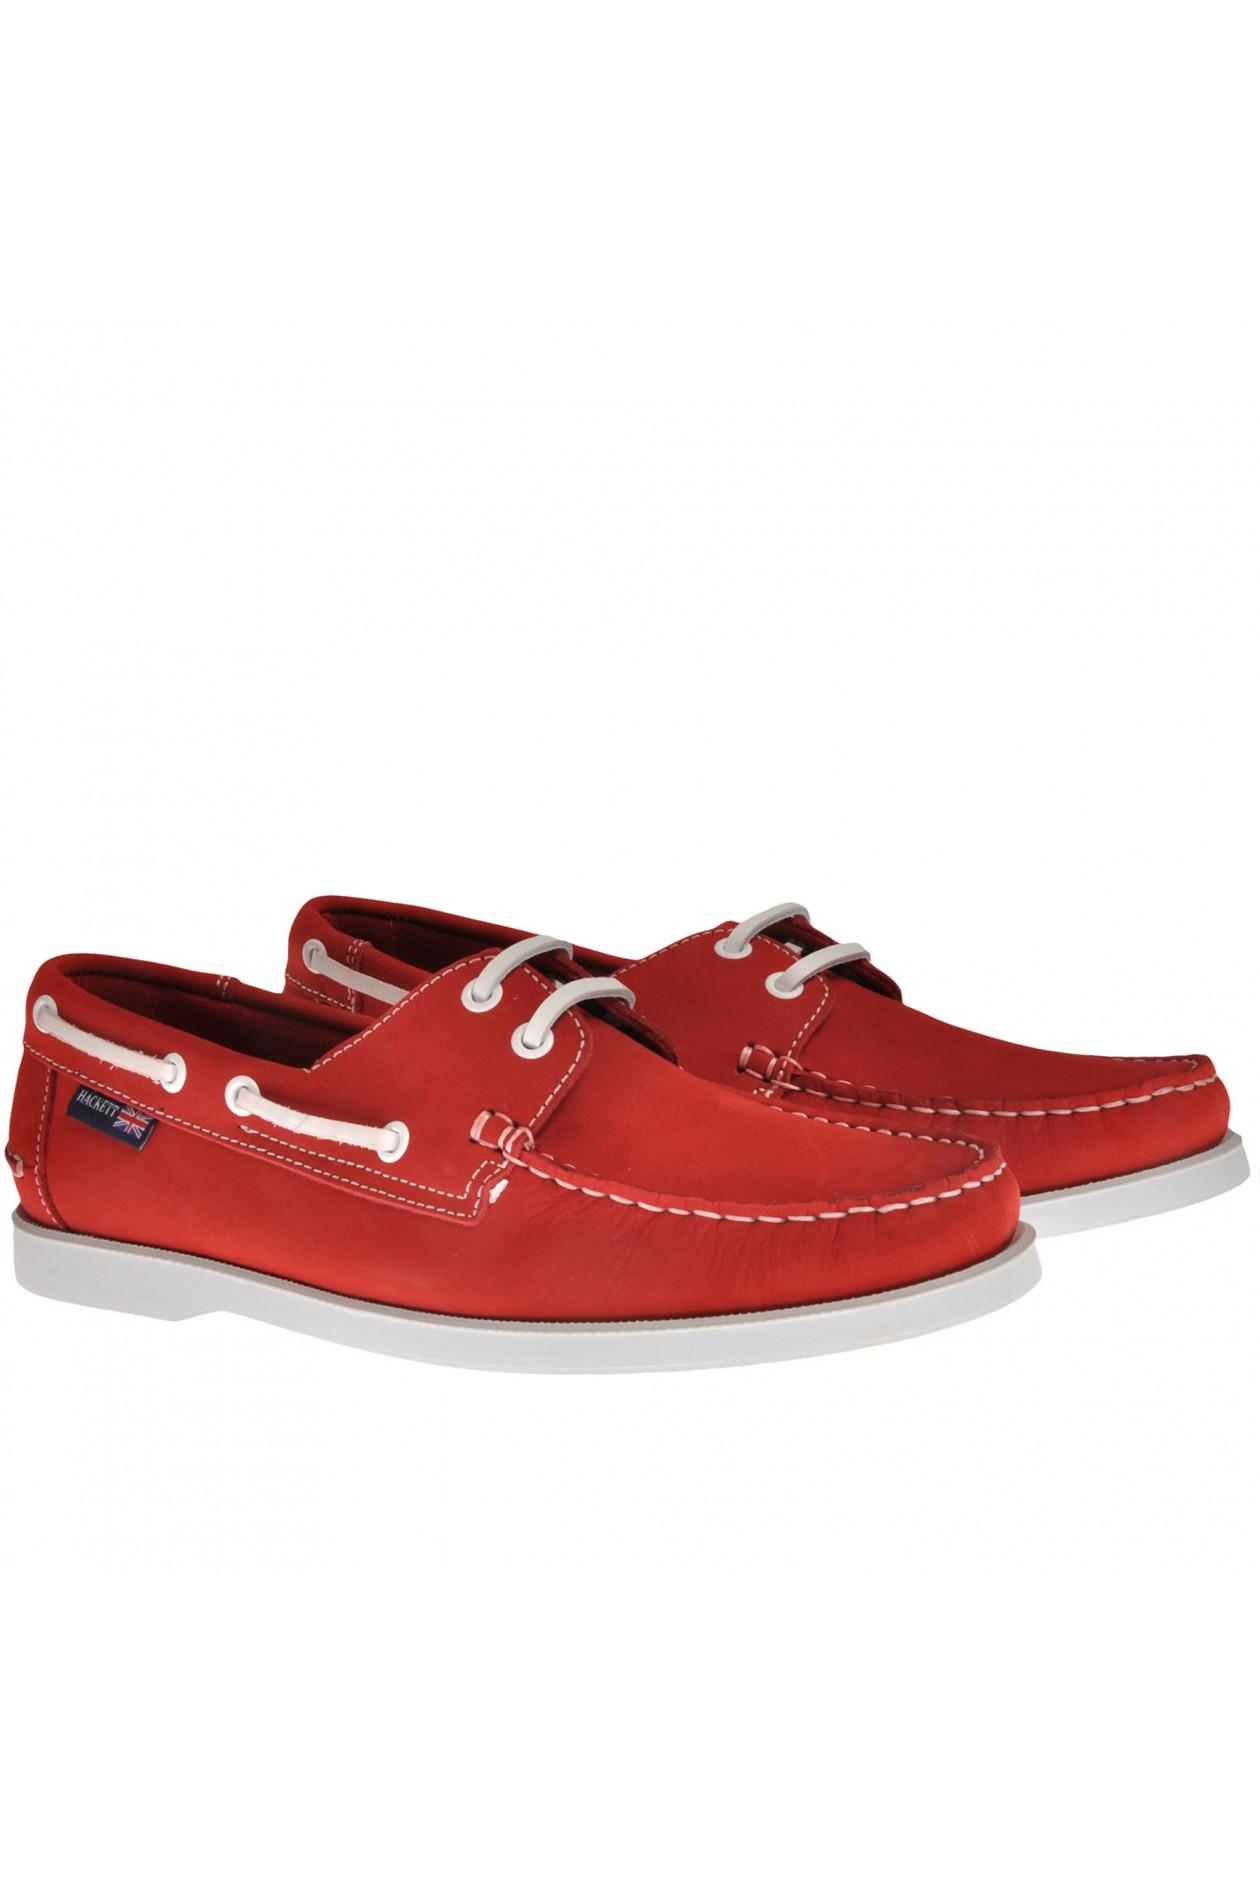 Bootsschuhe Rot